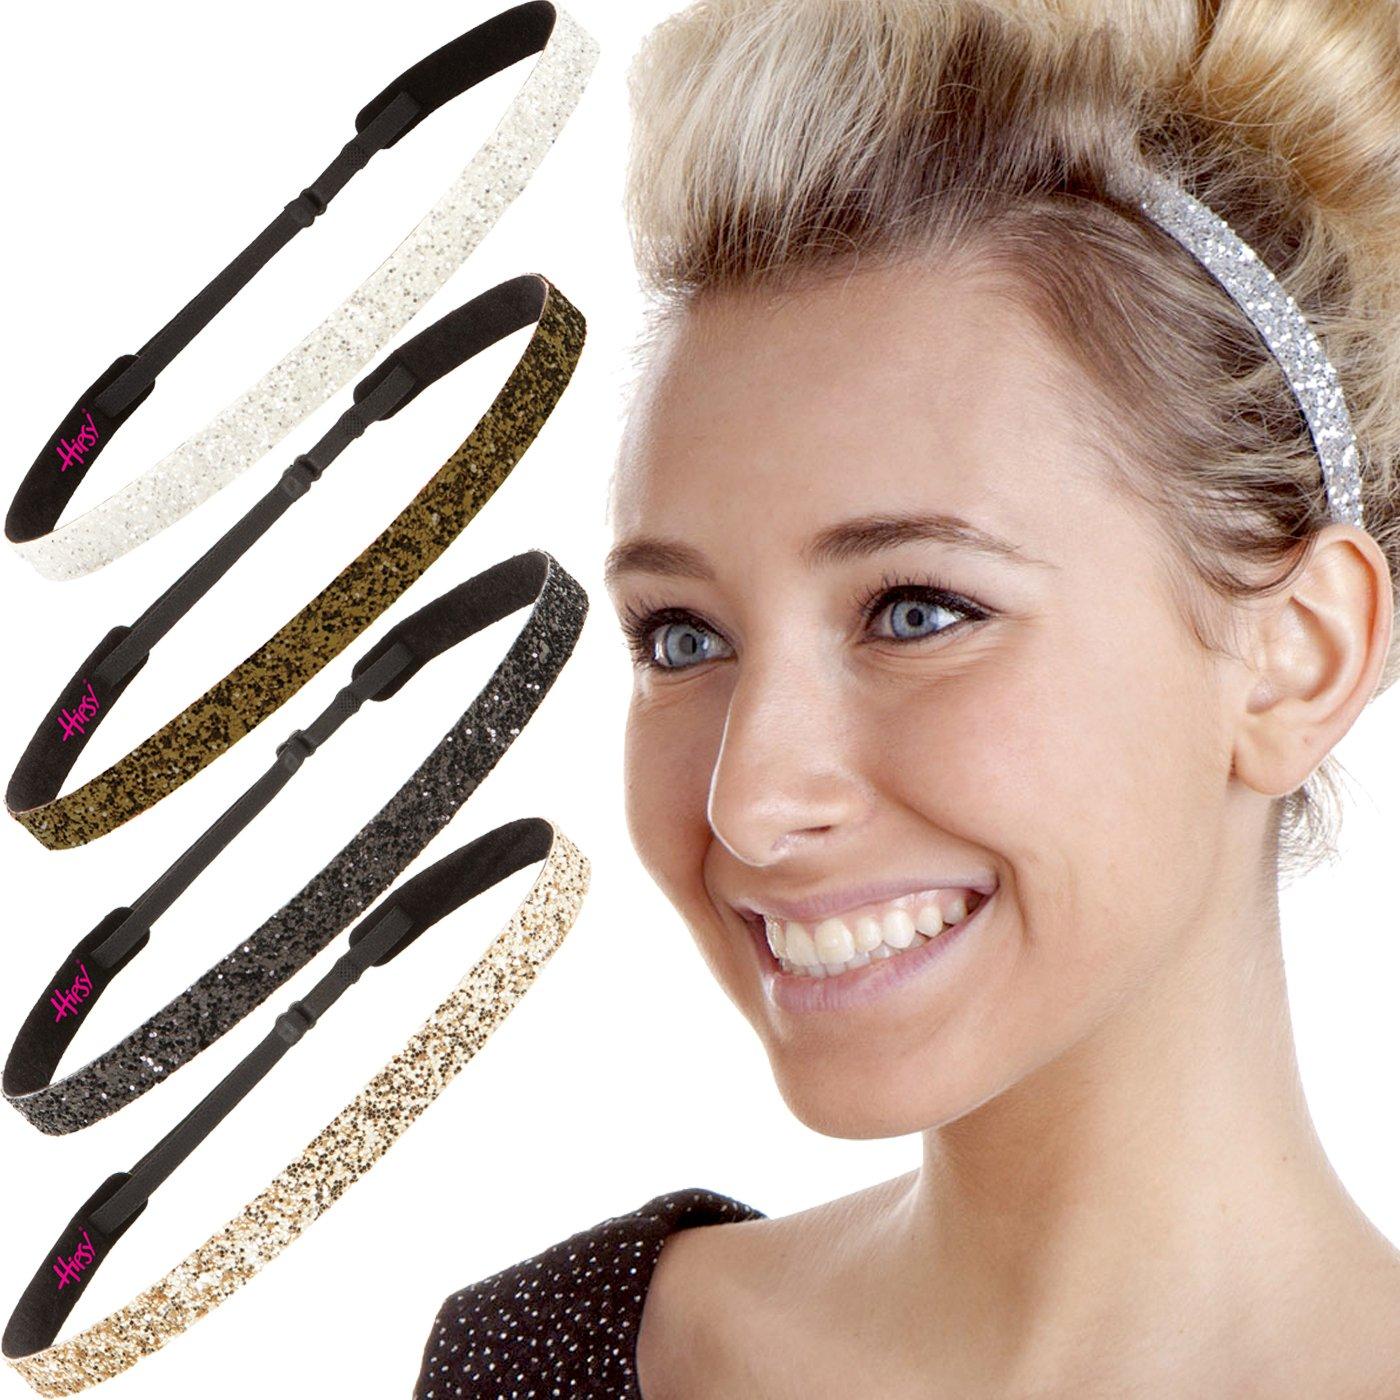 Hipsy 5pk Women's Adjustable NO SLIP Skinny Bling Glitter Headband Multi Gift Pack (Gold/Black/Silver/Brown/White) by Hipsy